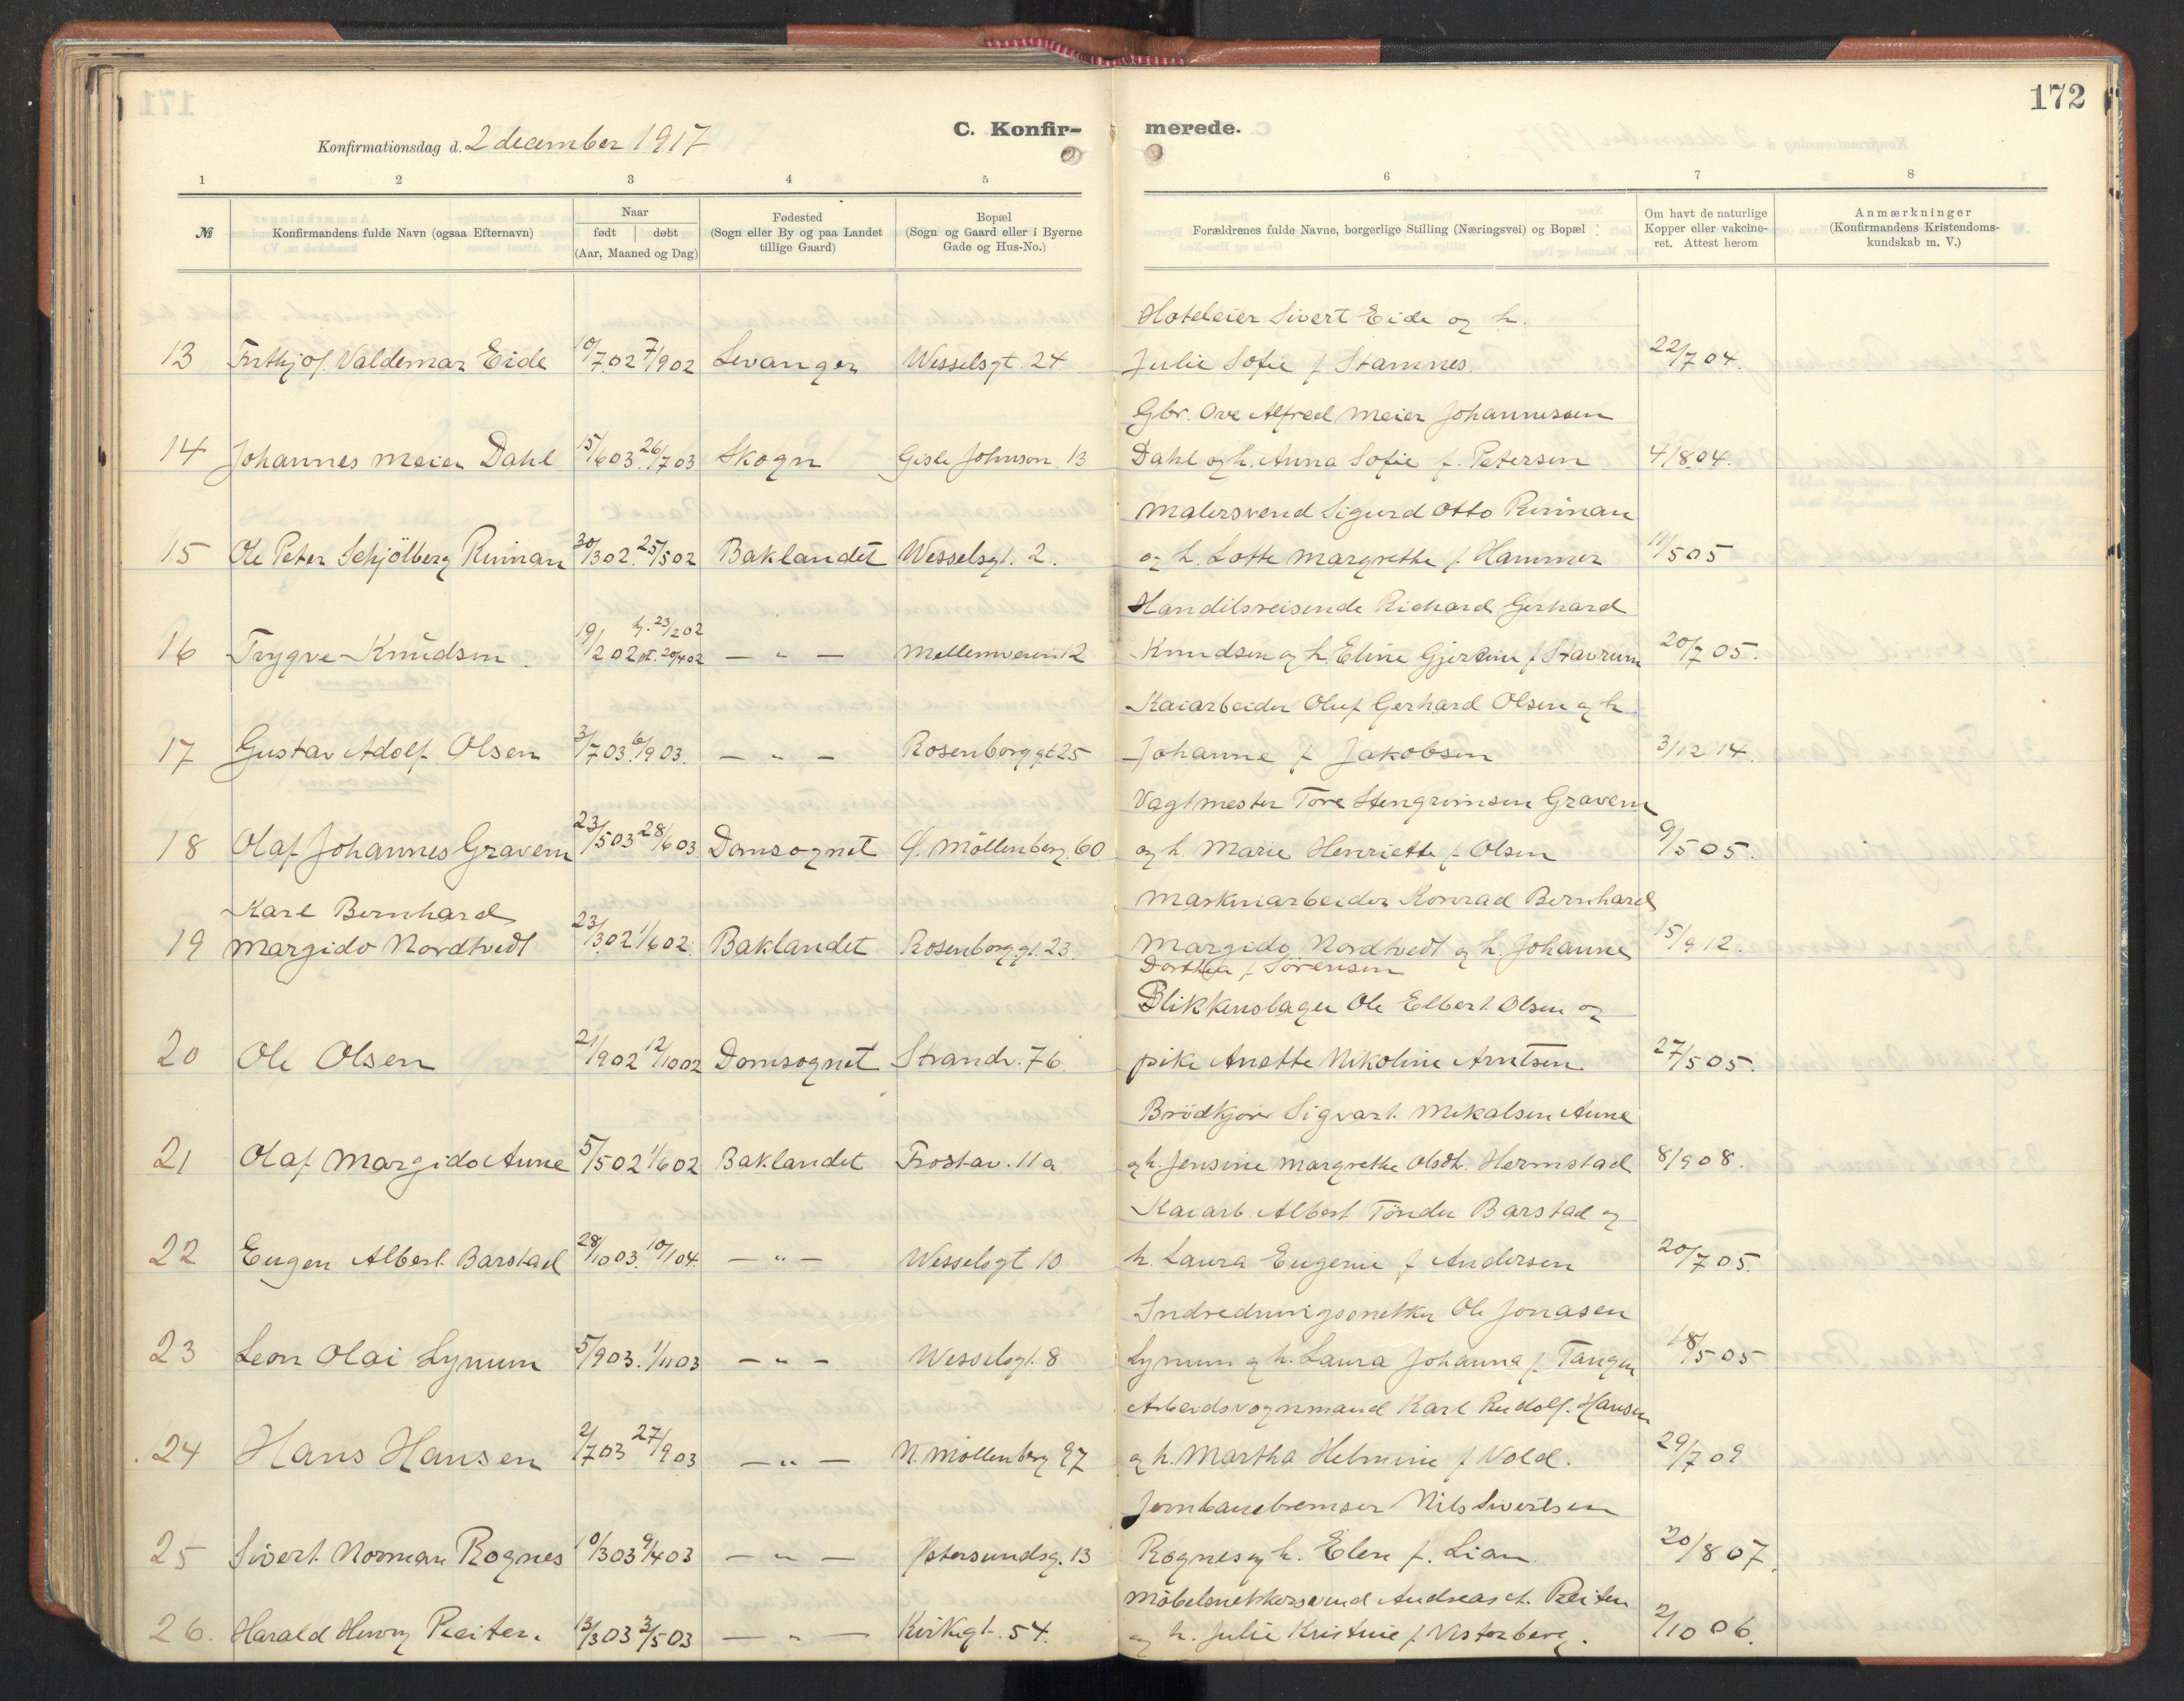 SAT, Ministerialprotokoller, klokkerbøker og fødselsregistre - Sør-Trøndelag, 605/L0246: Ministerialbok nr. 605A08, 1916-1920, s. 172